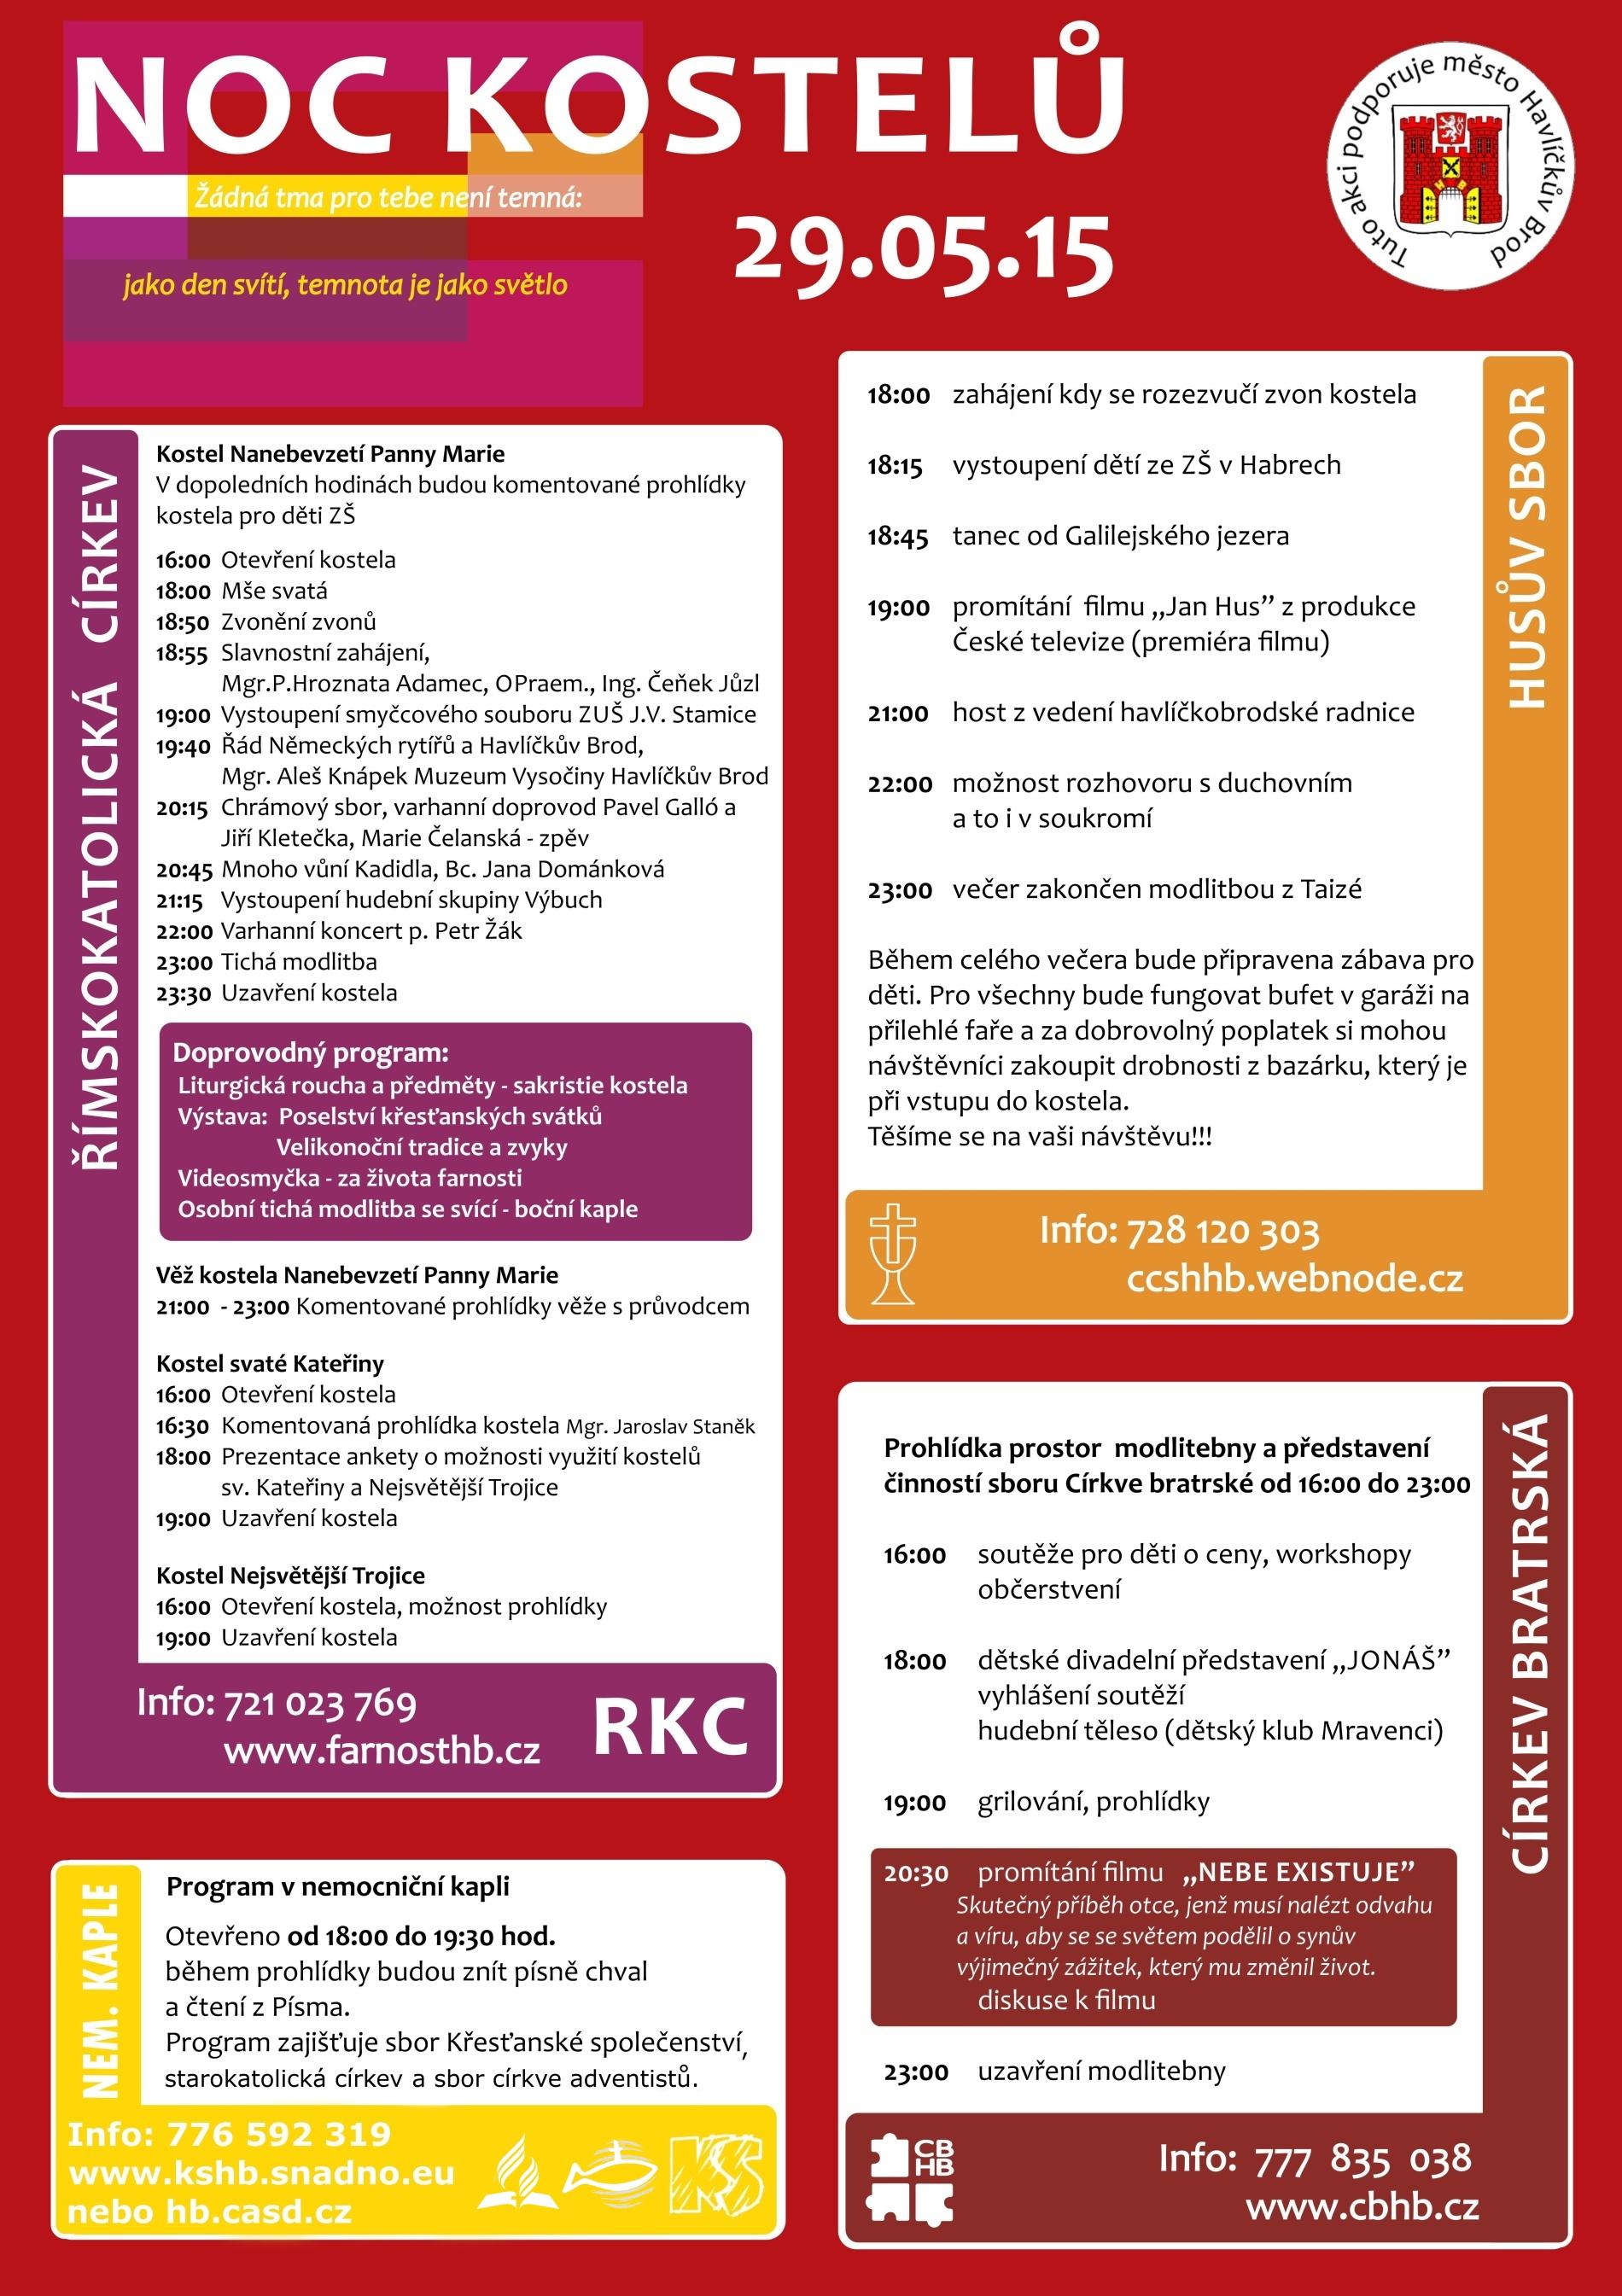 plakátek-NOC-2015-korektura-4